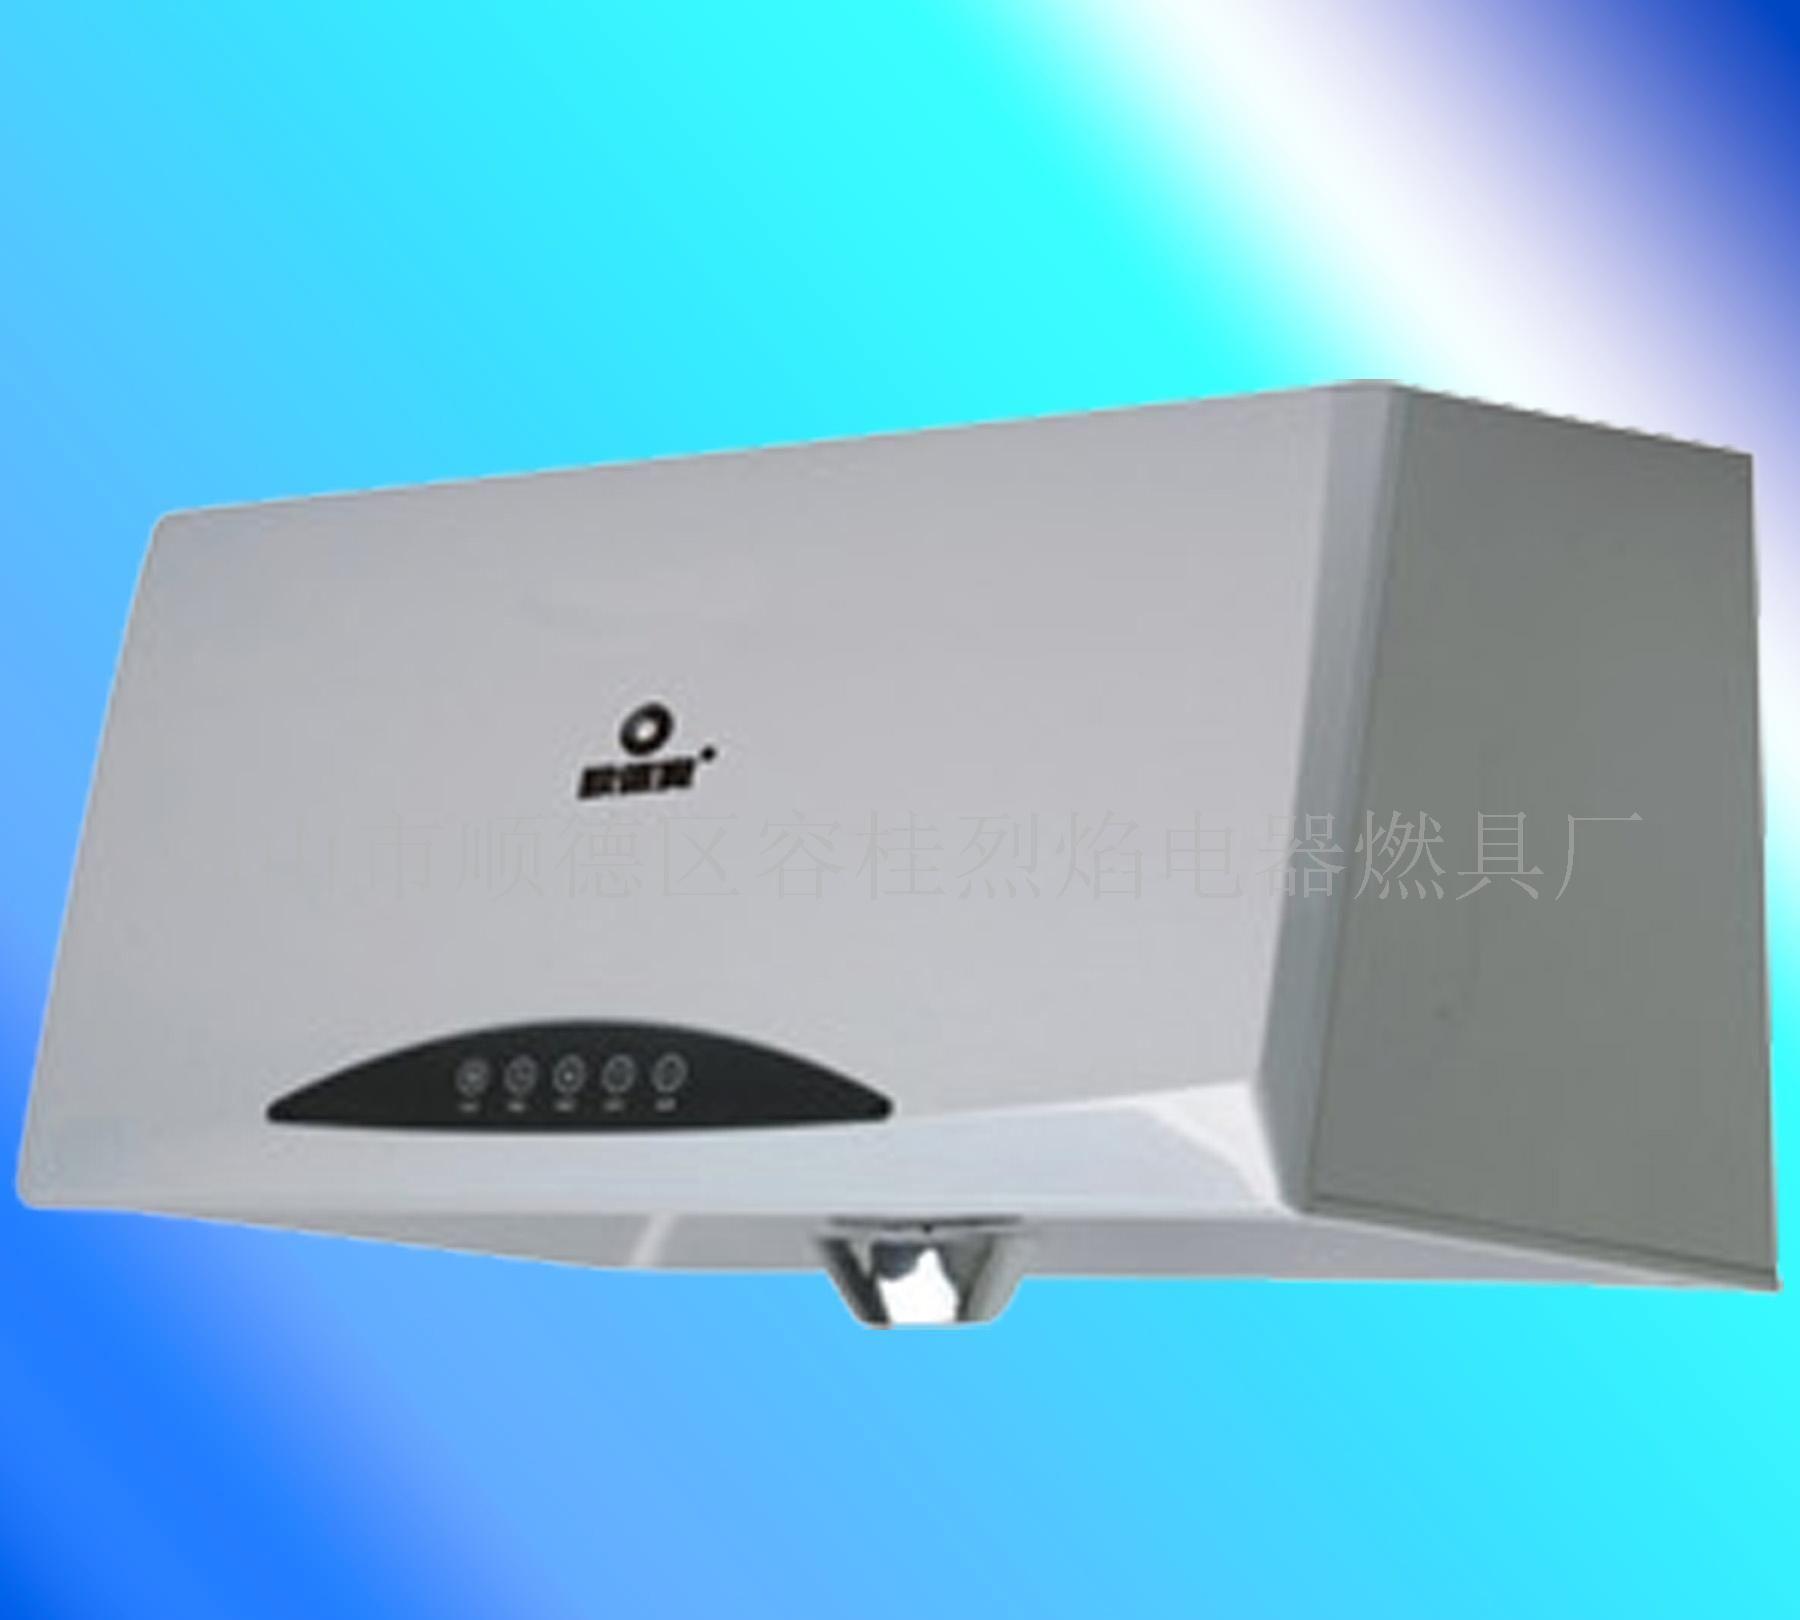 影音,专业灯光 厨房电器 燃气灶具 订阅  产品/服务: 吸油烟机 品 牌